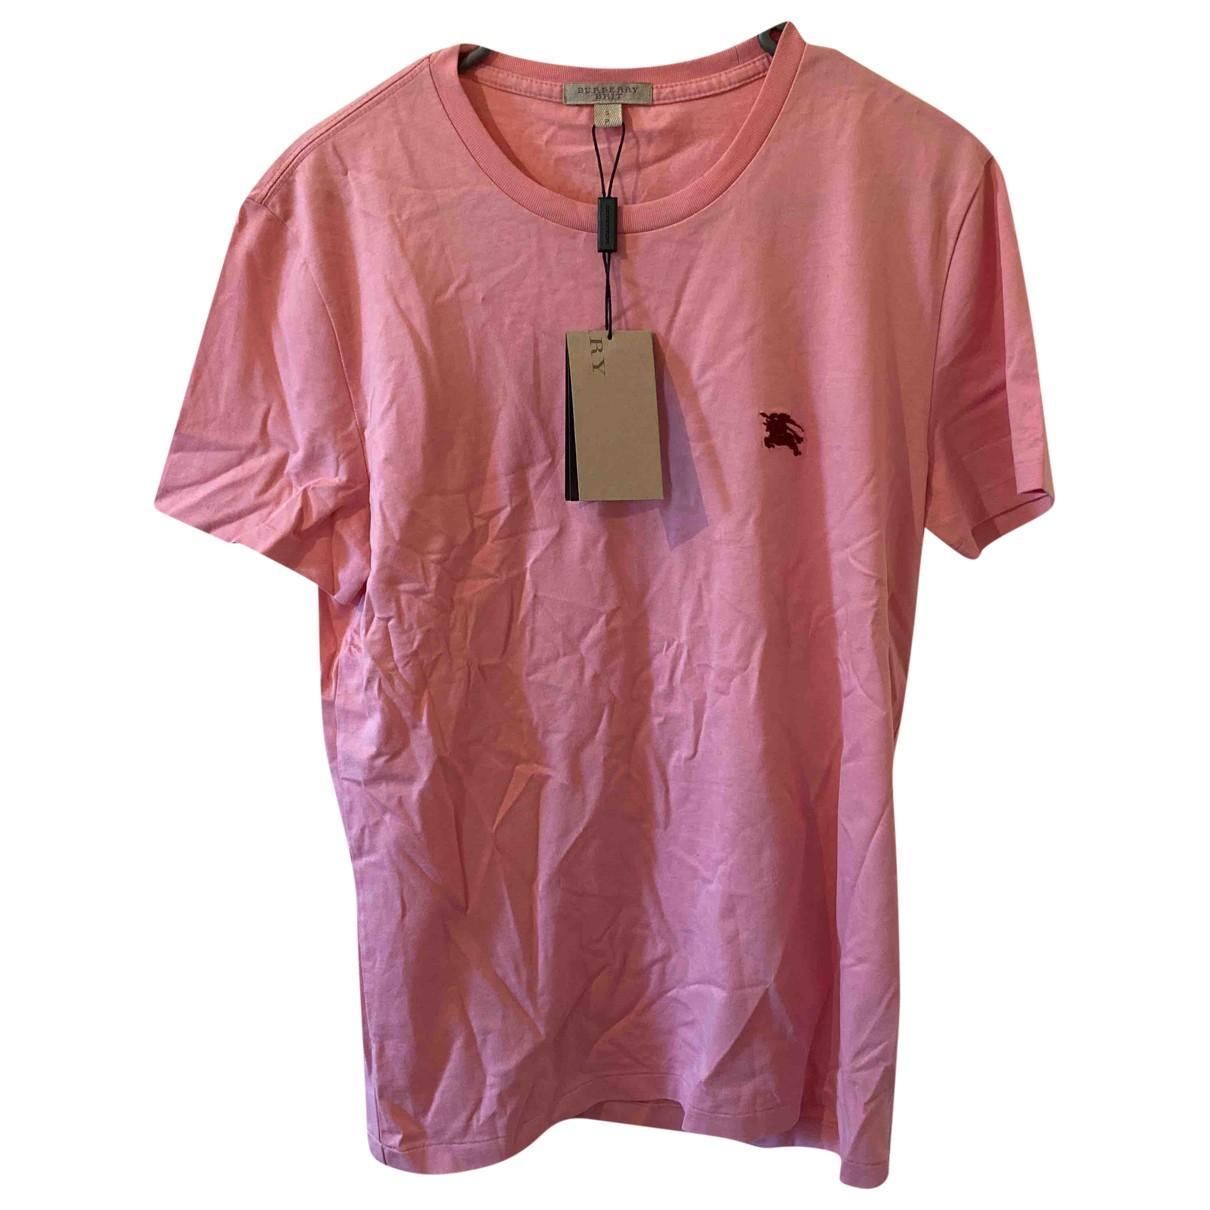 Burberry - Tee shirts   pour homme en coton - rose